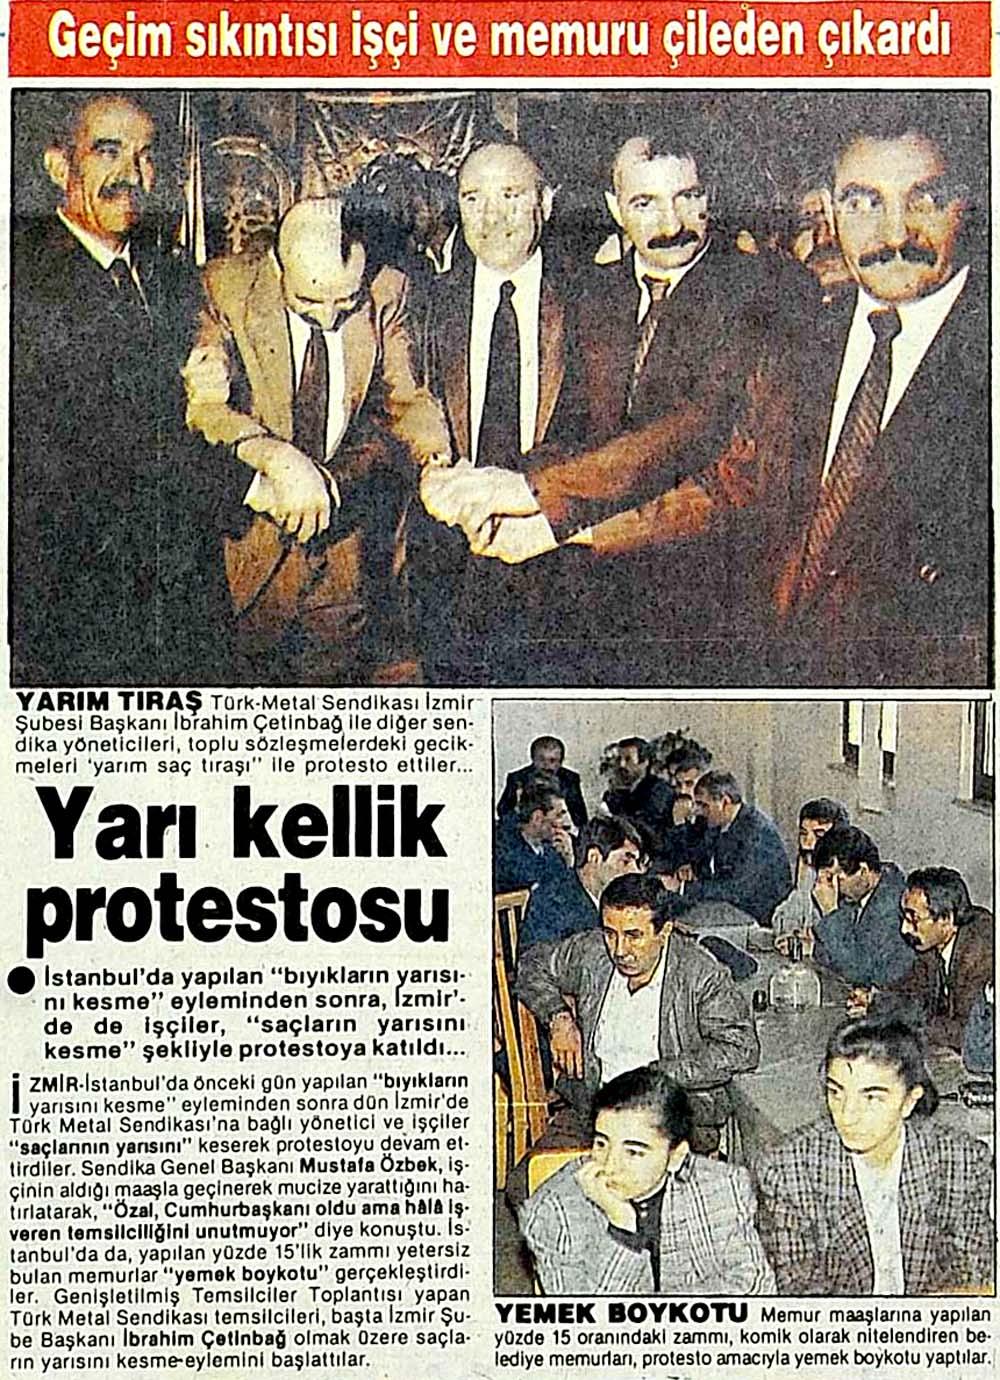 Yarı kellik protestosu: Geçim sıkıntısı işçi ve memuru çileden çıkardı